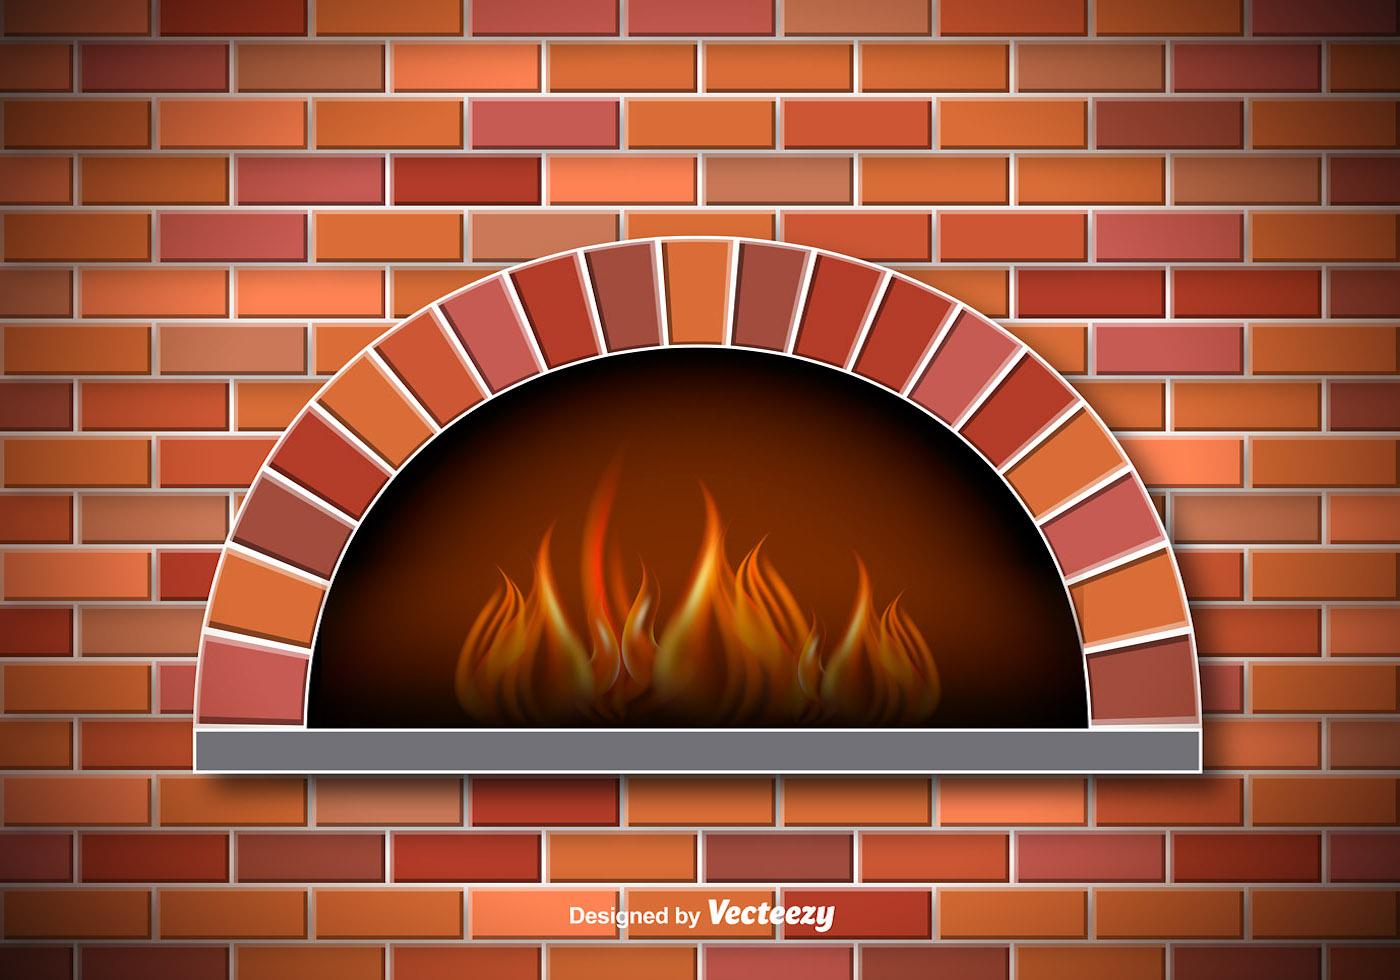 vector rustic pizza oven download free vector art stock